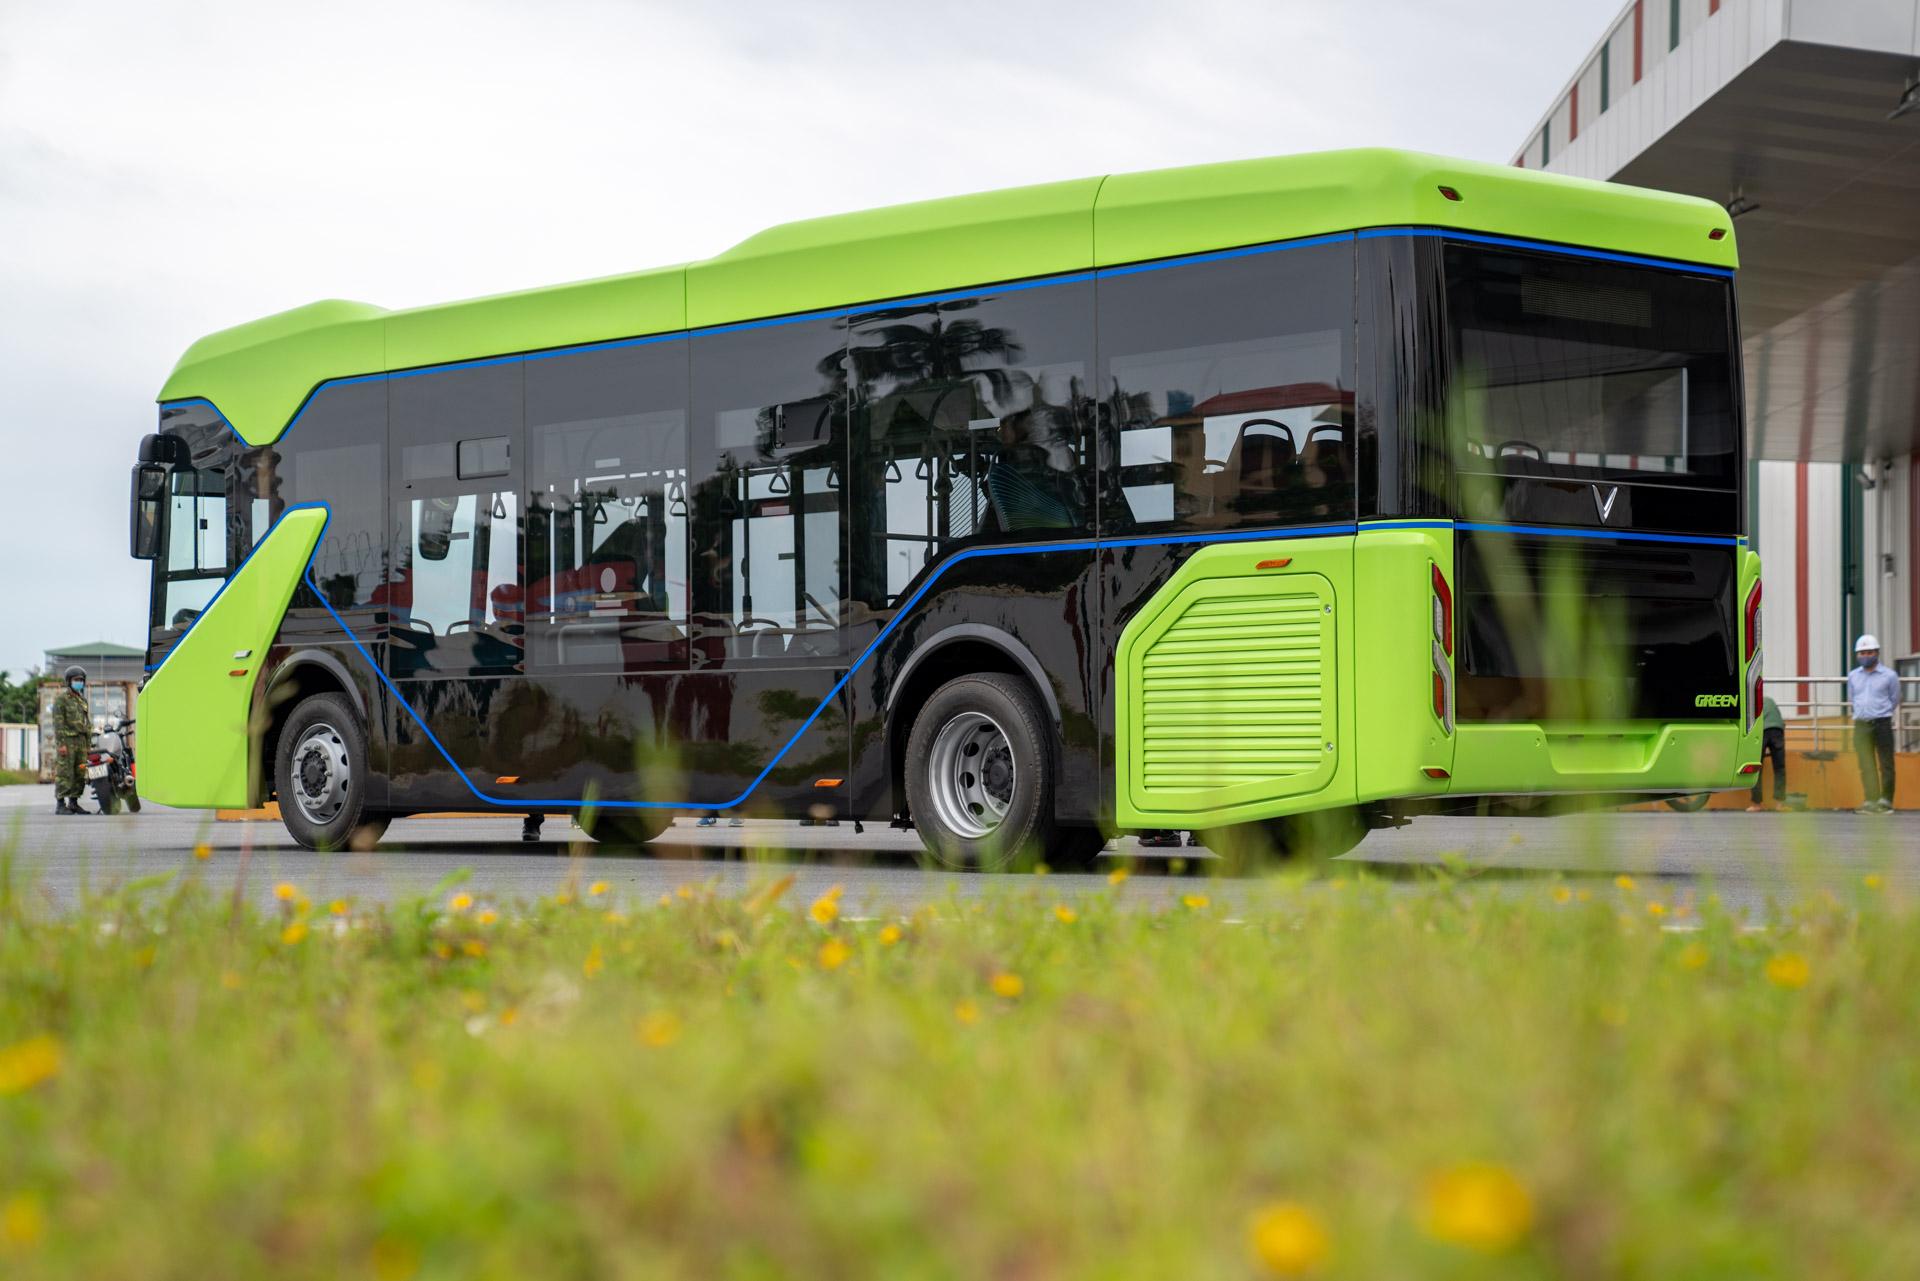 Hành khách tại Hà Nội và TP.HCM hưởng giá vé ưu đãi theo chính sách trợ giá của thành phố dành cho người sử dụng phương tiện công cộng, trung bình 3.000-10.000 đồng/lượt, vé tháng 50.000-200.000 đồng. Vé được miễn phí với những người có hoàn cảnh đặc biệt.